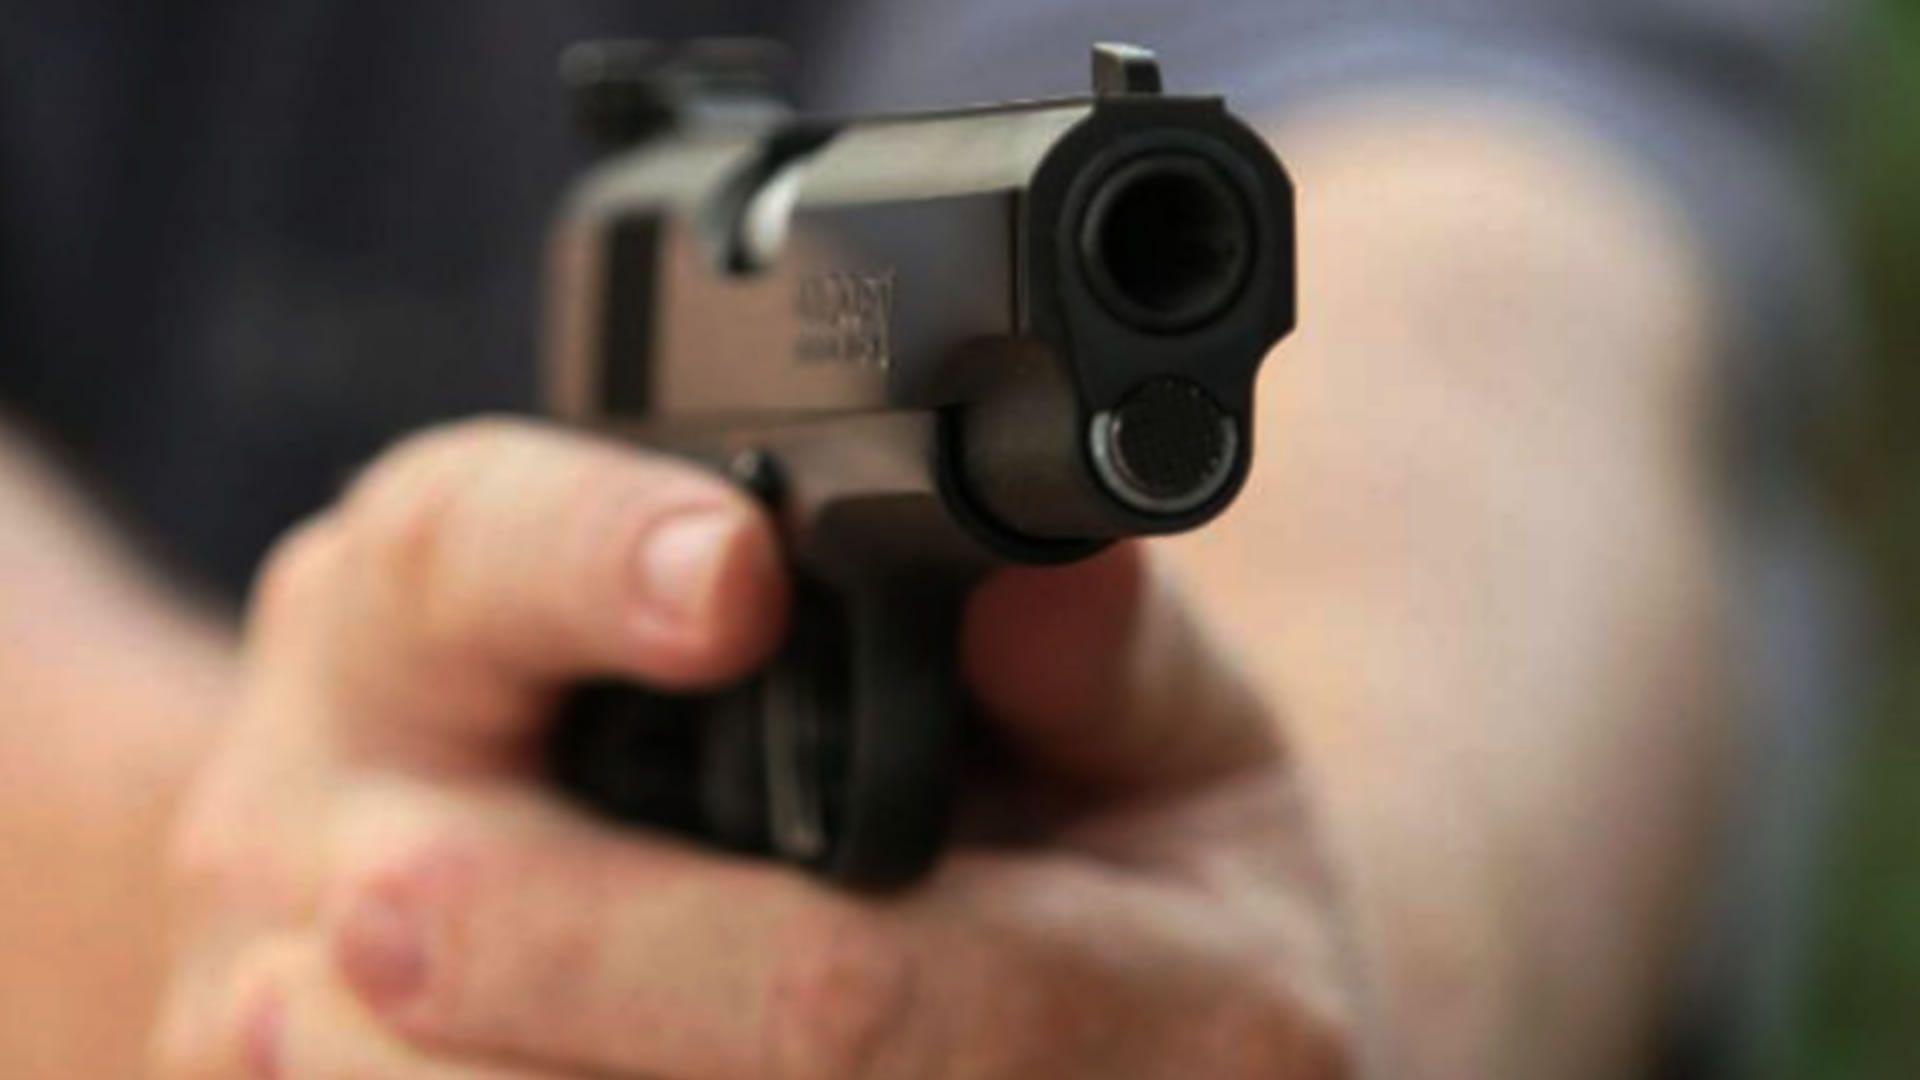 Plan pistola en Colombia. Foto de referencia.